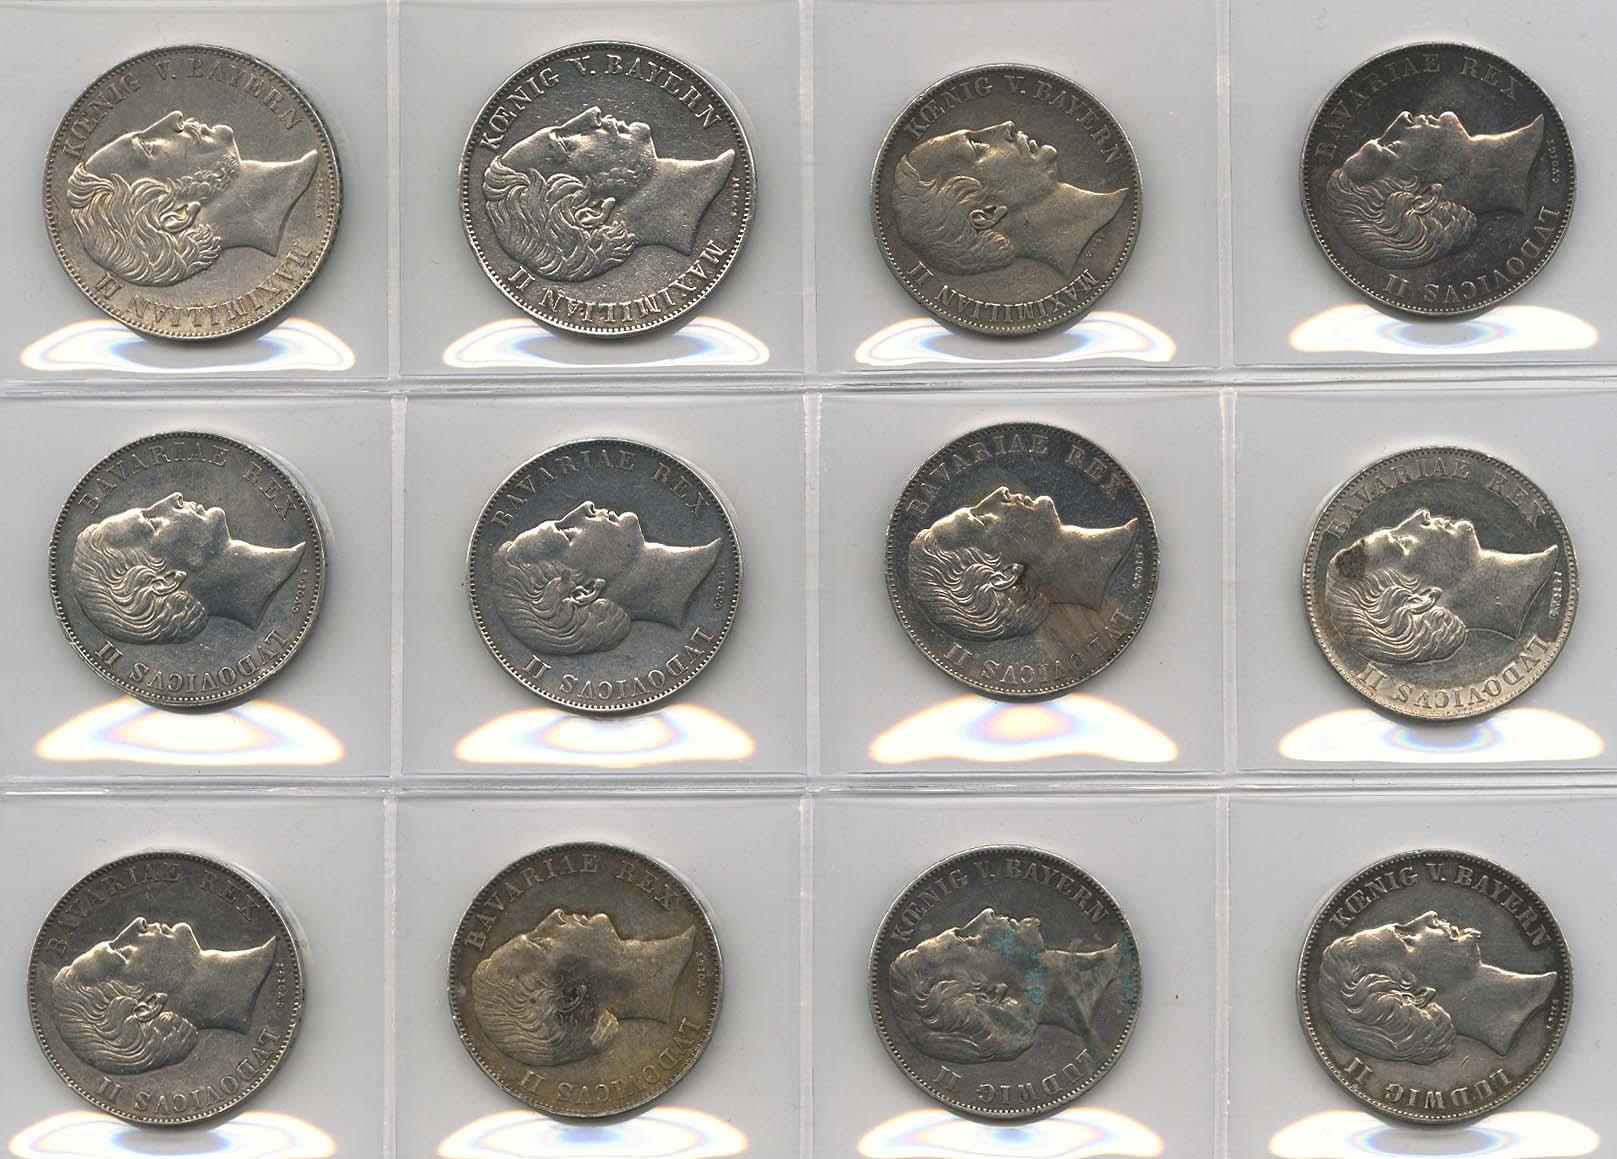 Lot 9148 - sammlungen Deutschland 1800-1871 -  Auktionshaus Ulrich Felzmann GmbH & Co. KG Coins single lots